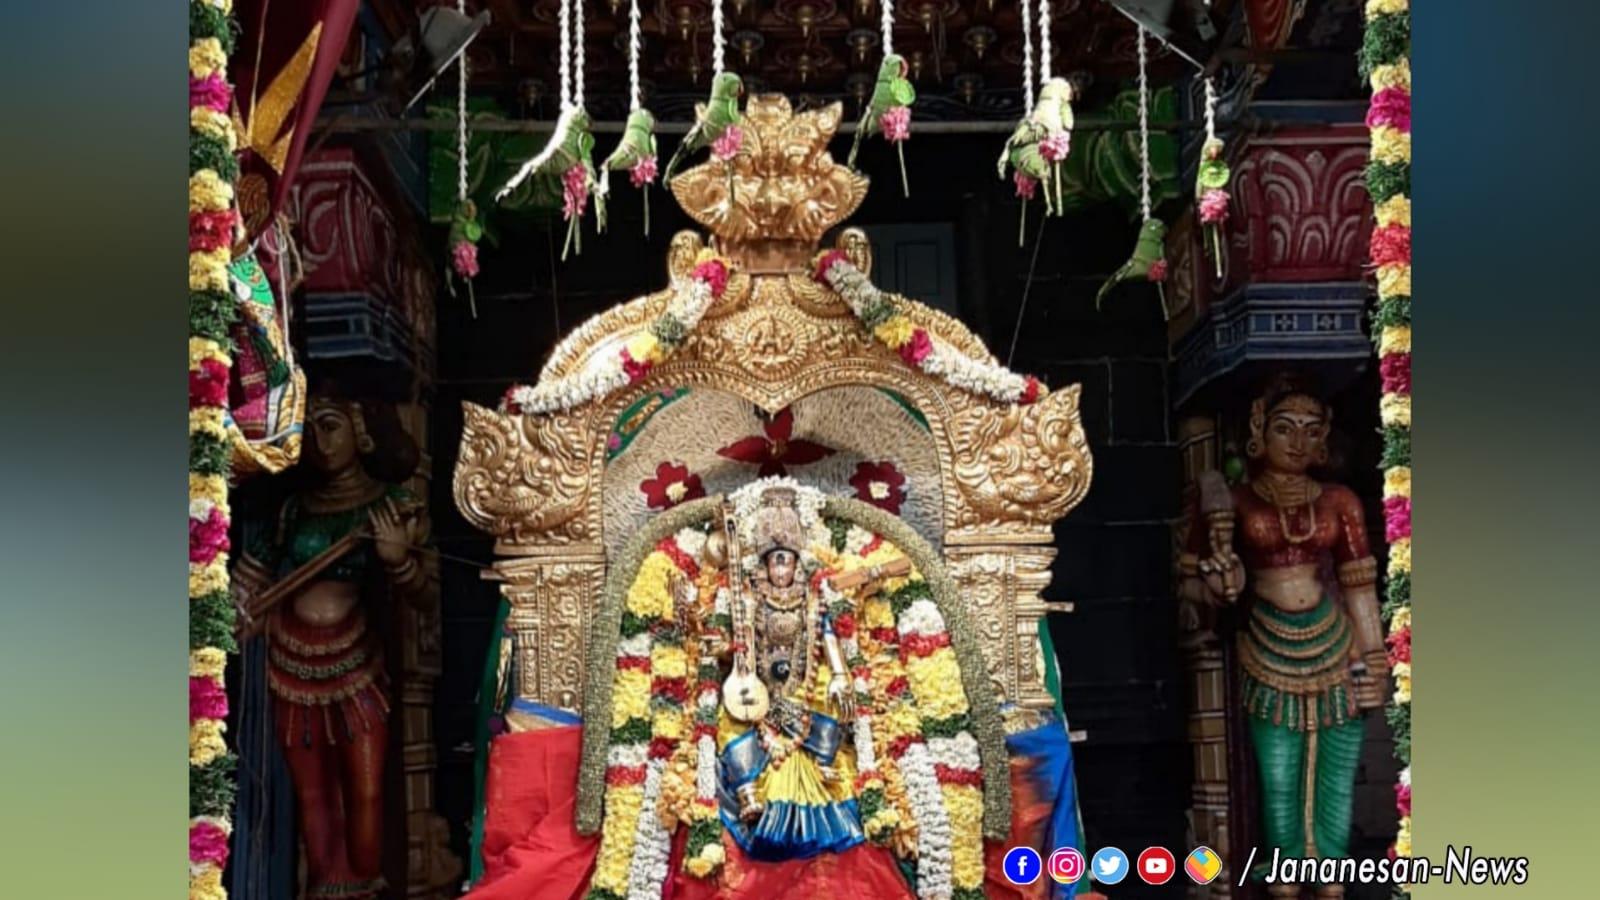 நவராத்திரி 5ம் நாளான இன்று மீனாட்சி அம்மன் சங்கீத சியாமளை  திருக்கோலத்தில் பக்தர்களுக்கு அருள்பலித்தார்